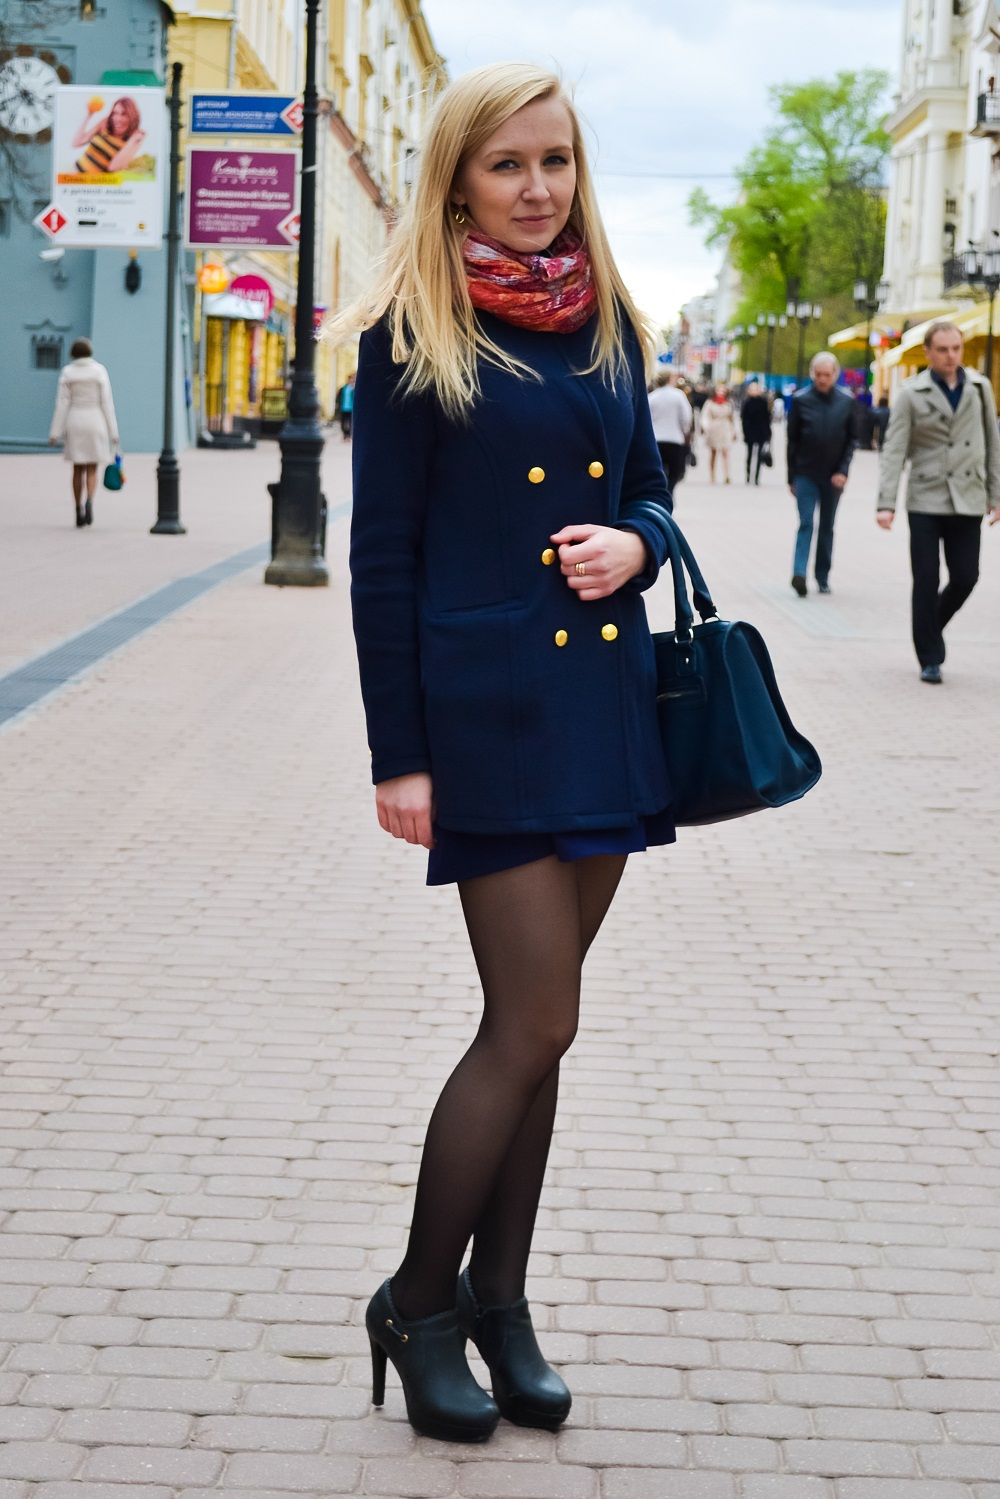 Стройные ножки на улице фото — img 1